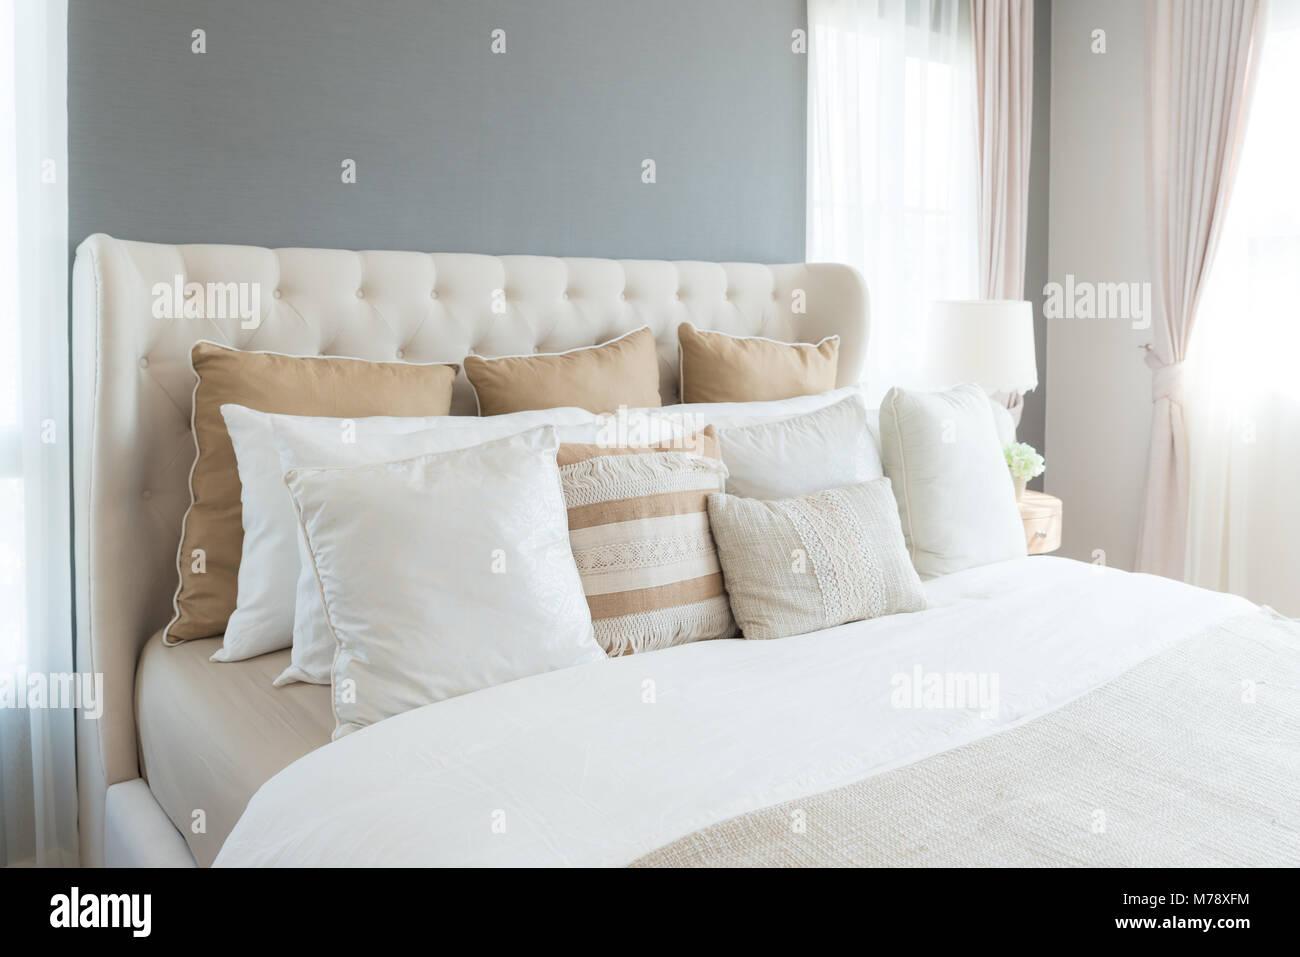 Schlafzimmer In Warmen Hellen Farben. Großes Bequemes Doppelbett Im  Eleganten Klassischen Schlafzimmer Zu Hause.